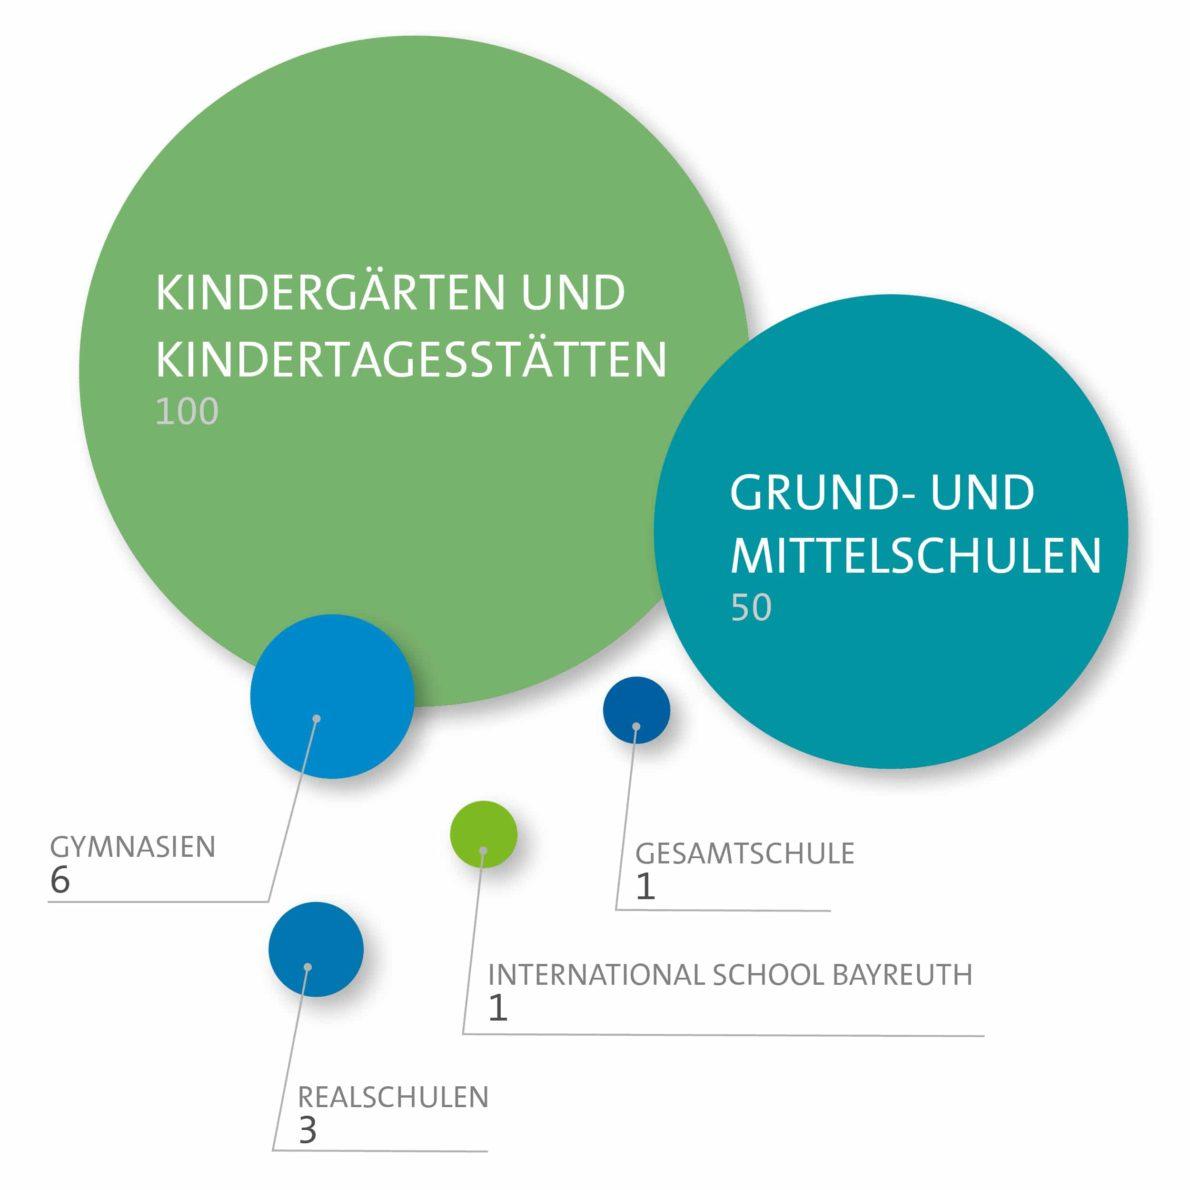 Schulen in Bayreuth – Grafik Kindergärten und Kindertagesstätten, Grund- & Mittelschulen